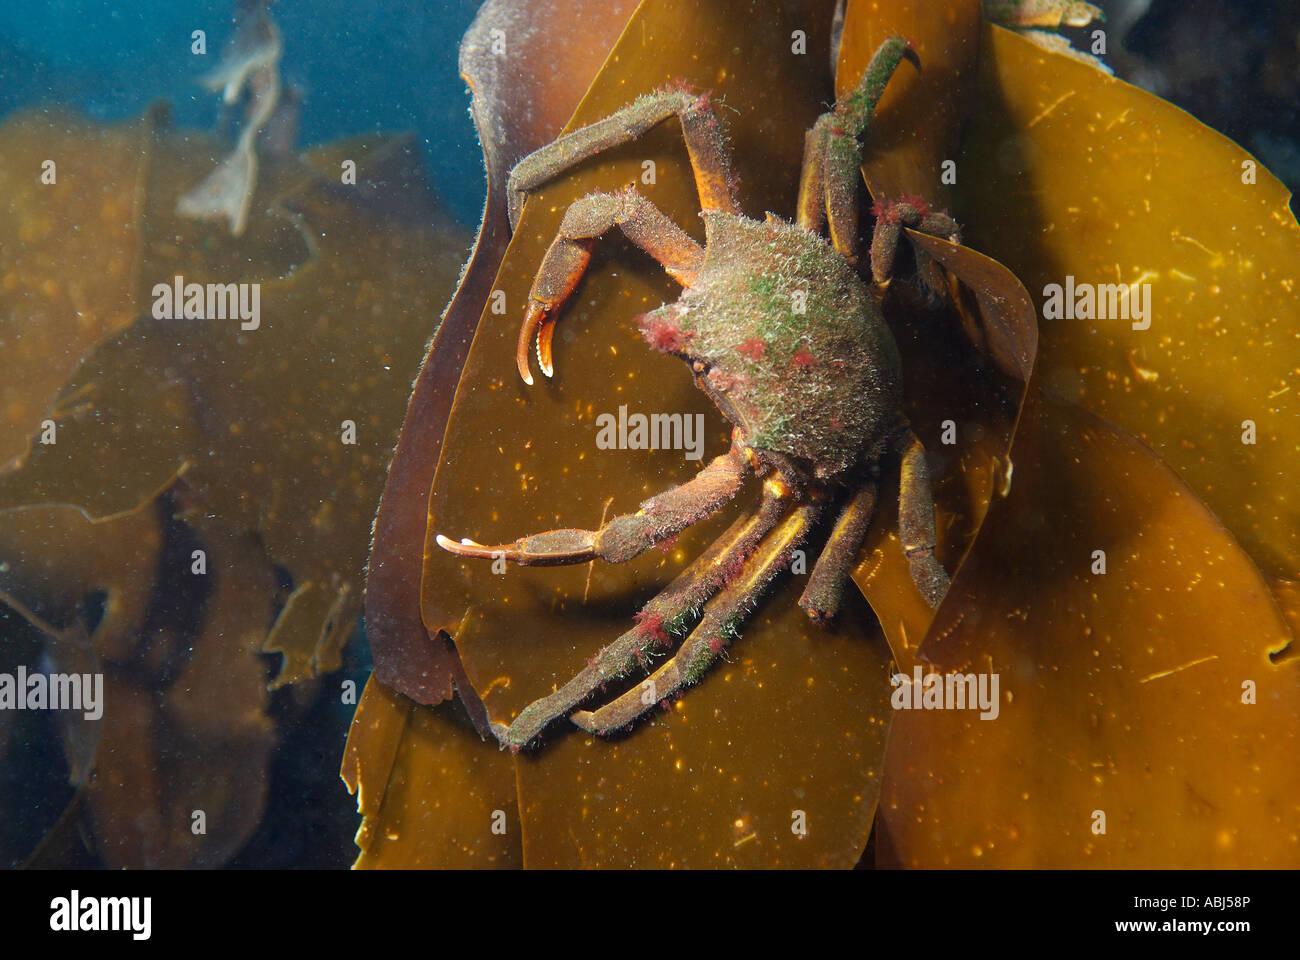 Graceful Kelp Crab Stock Photos Graceful Kelp Crab Stock Images